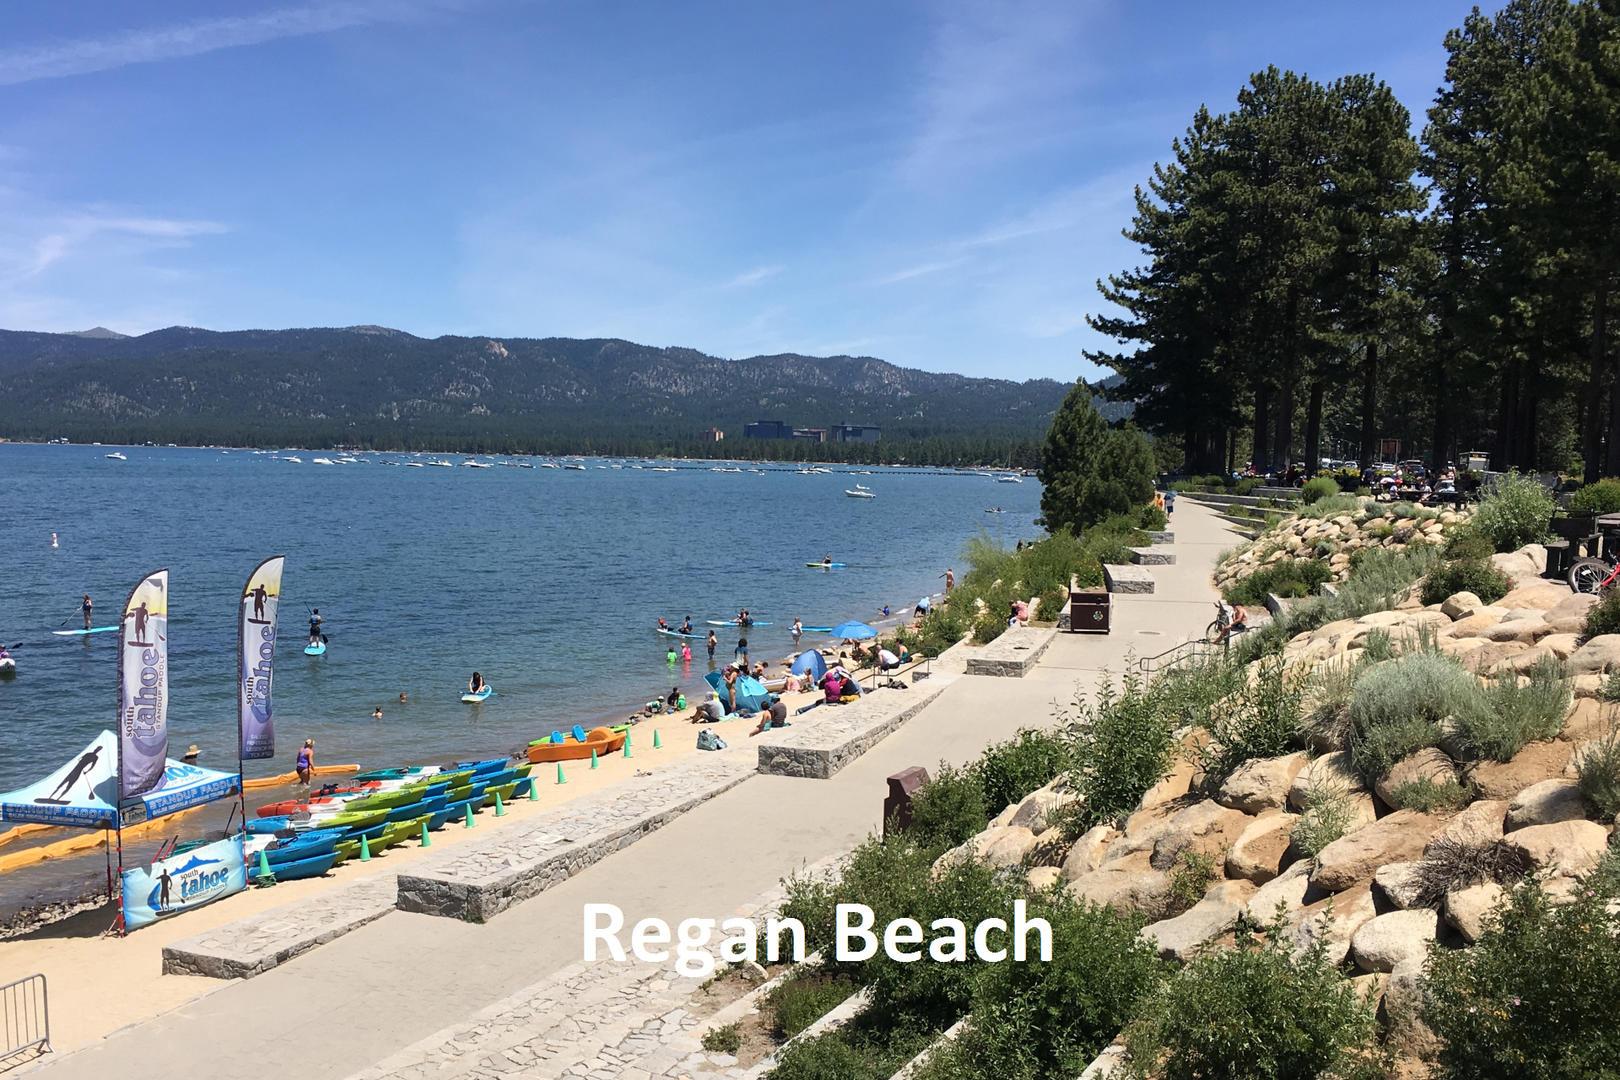 cyh1281 vacation rental in lake tahoe